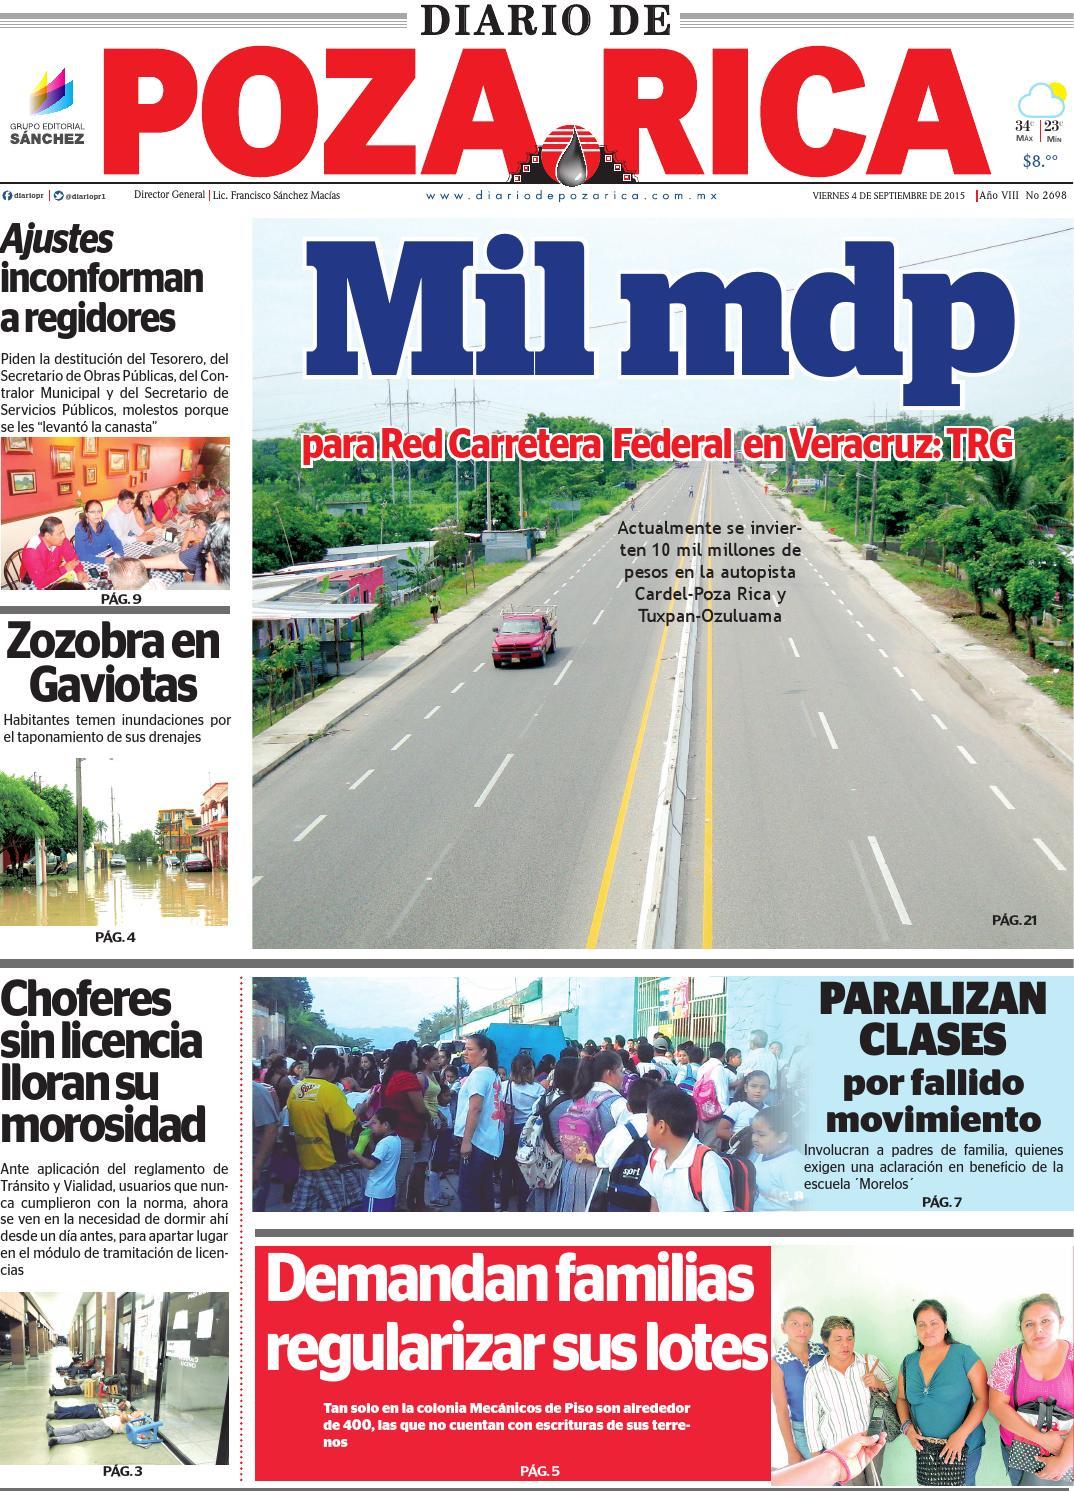 diario de poza rica 4 de septiembre de 2015 by diario de